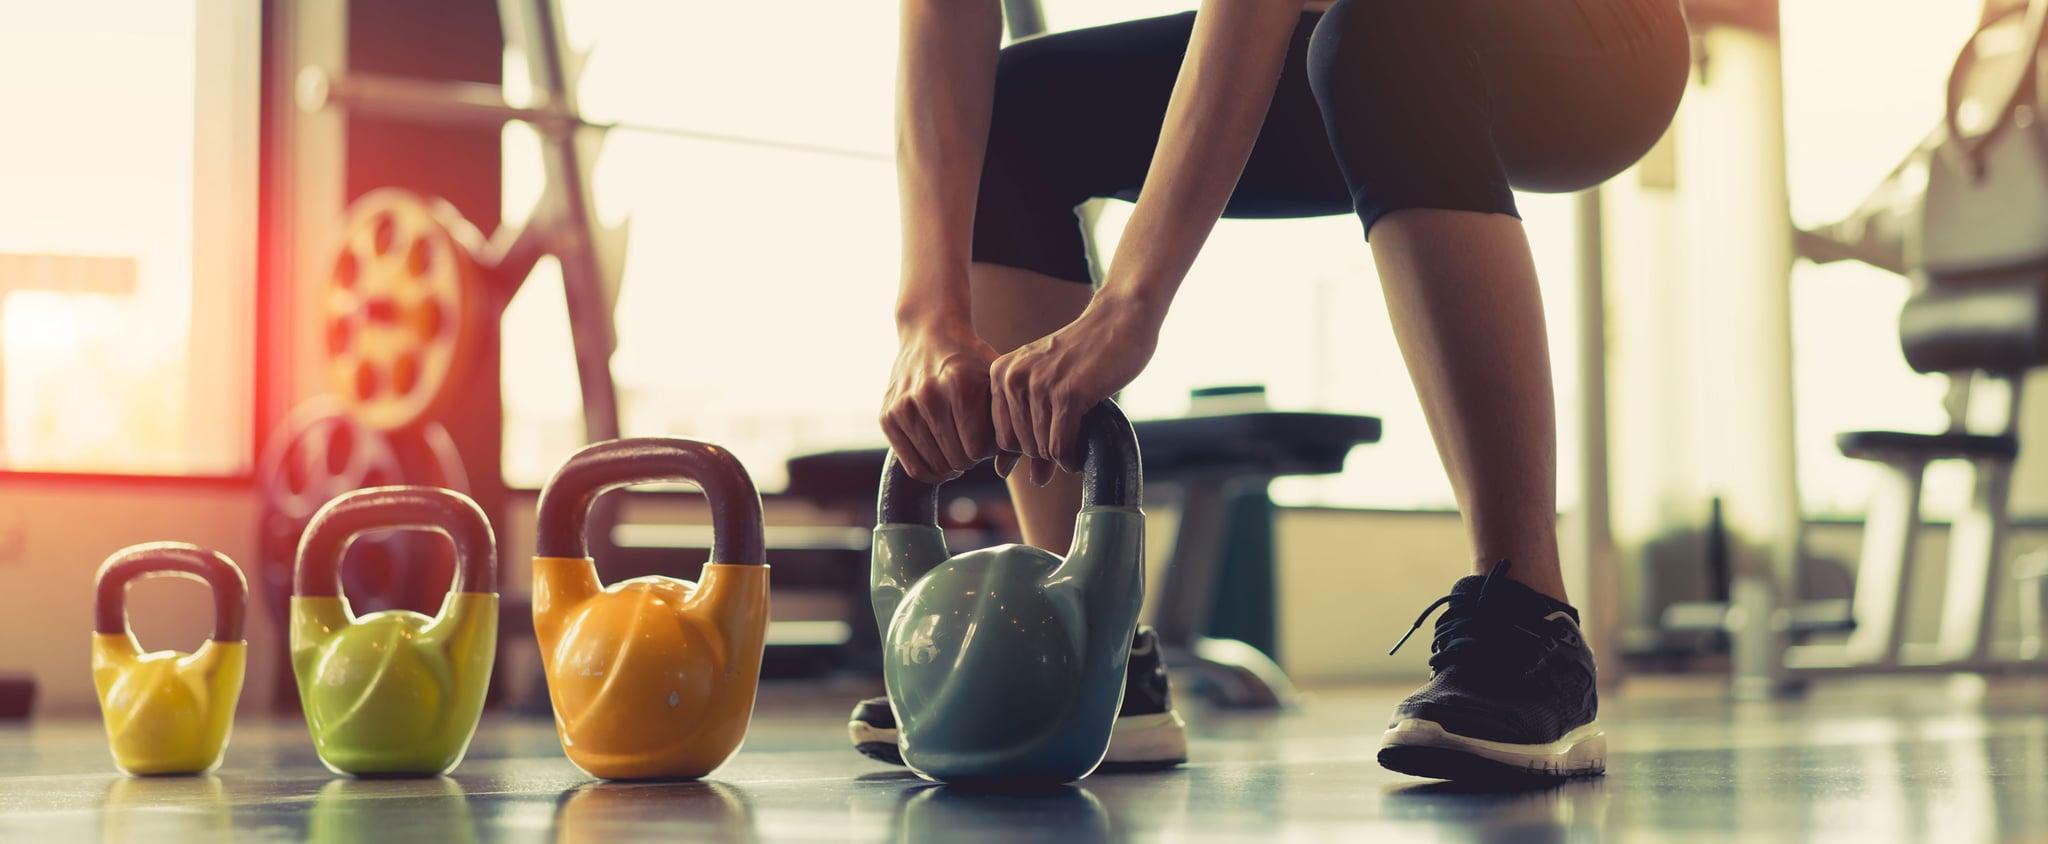 Best Full-Body Exercises For Fat Loss